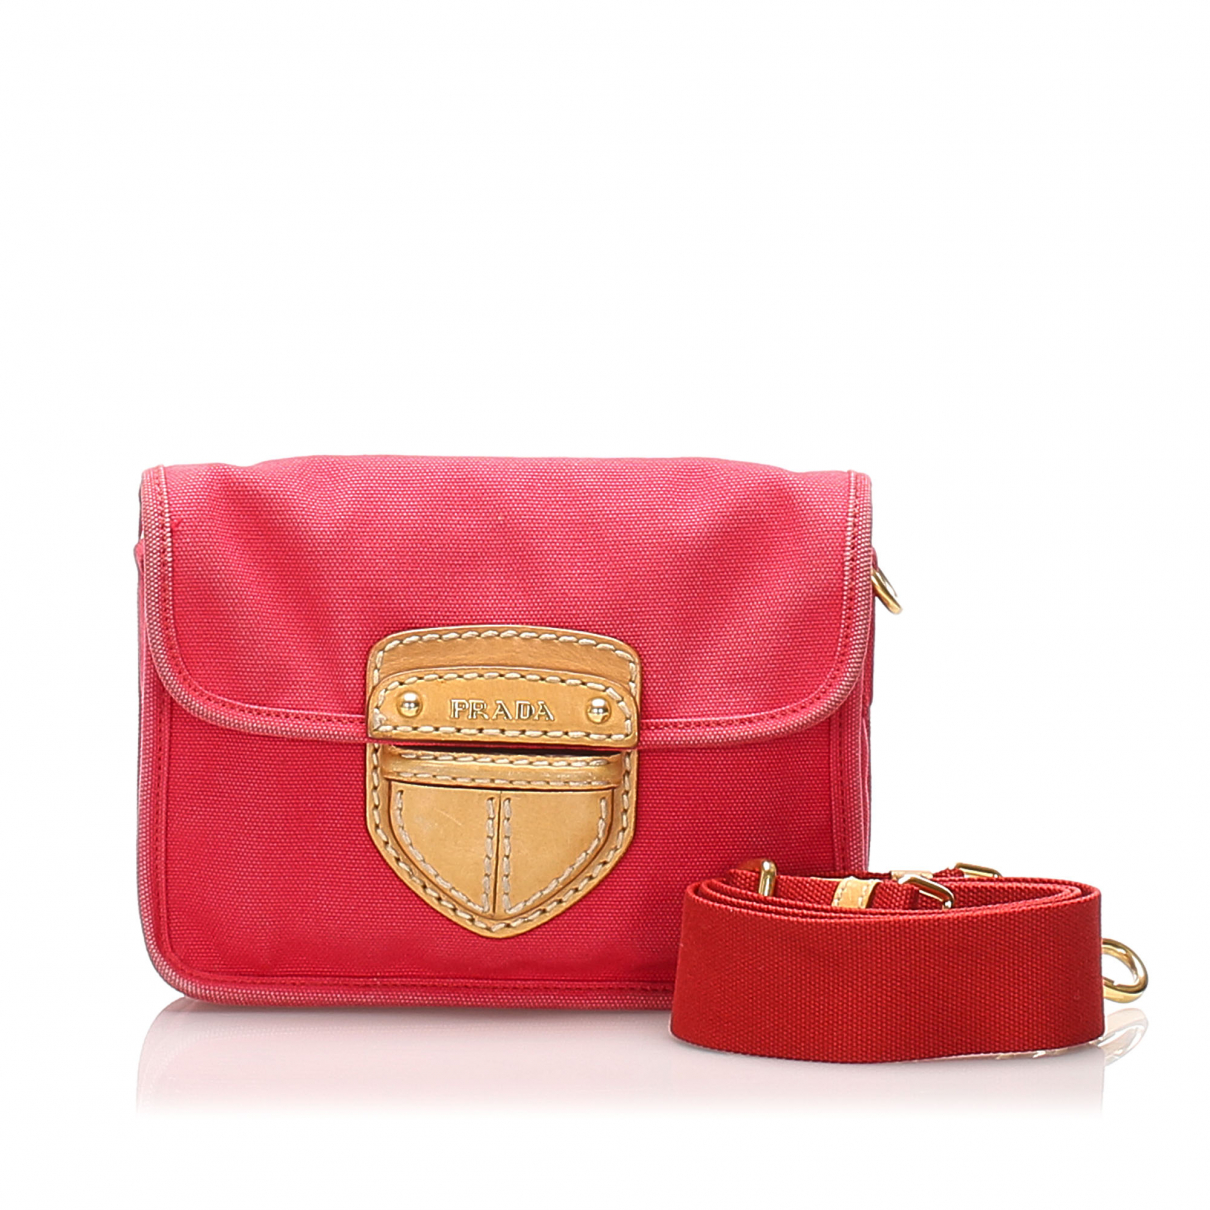 Prada \N Handtasche in  Rot Leinen